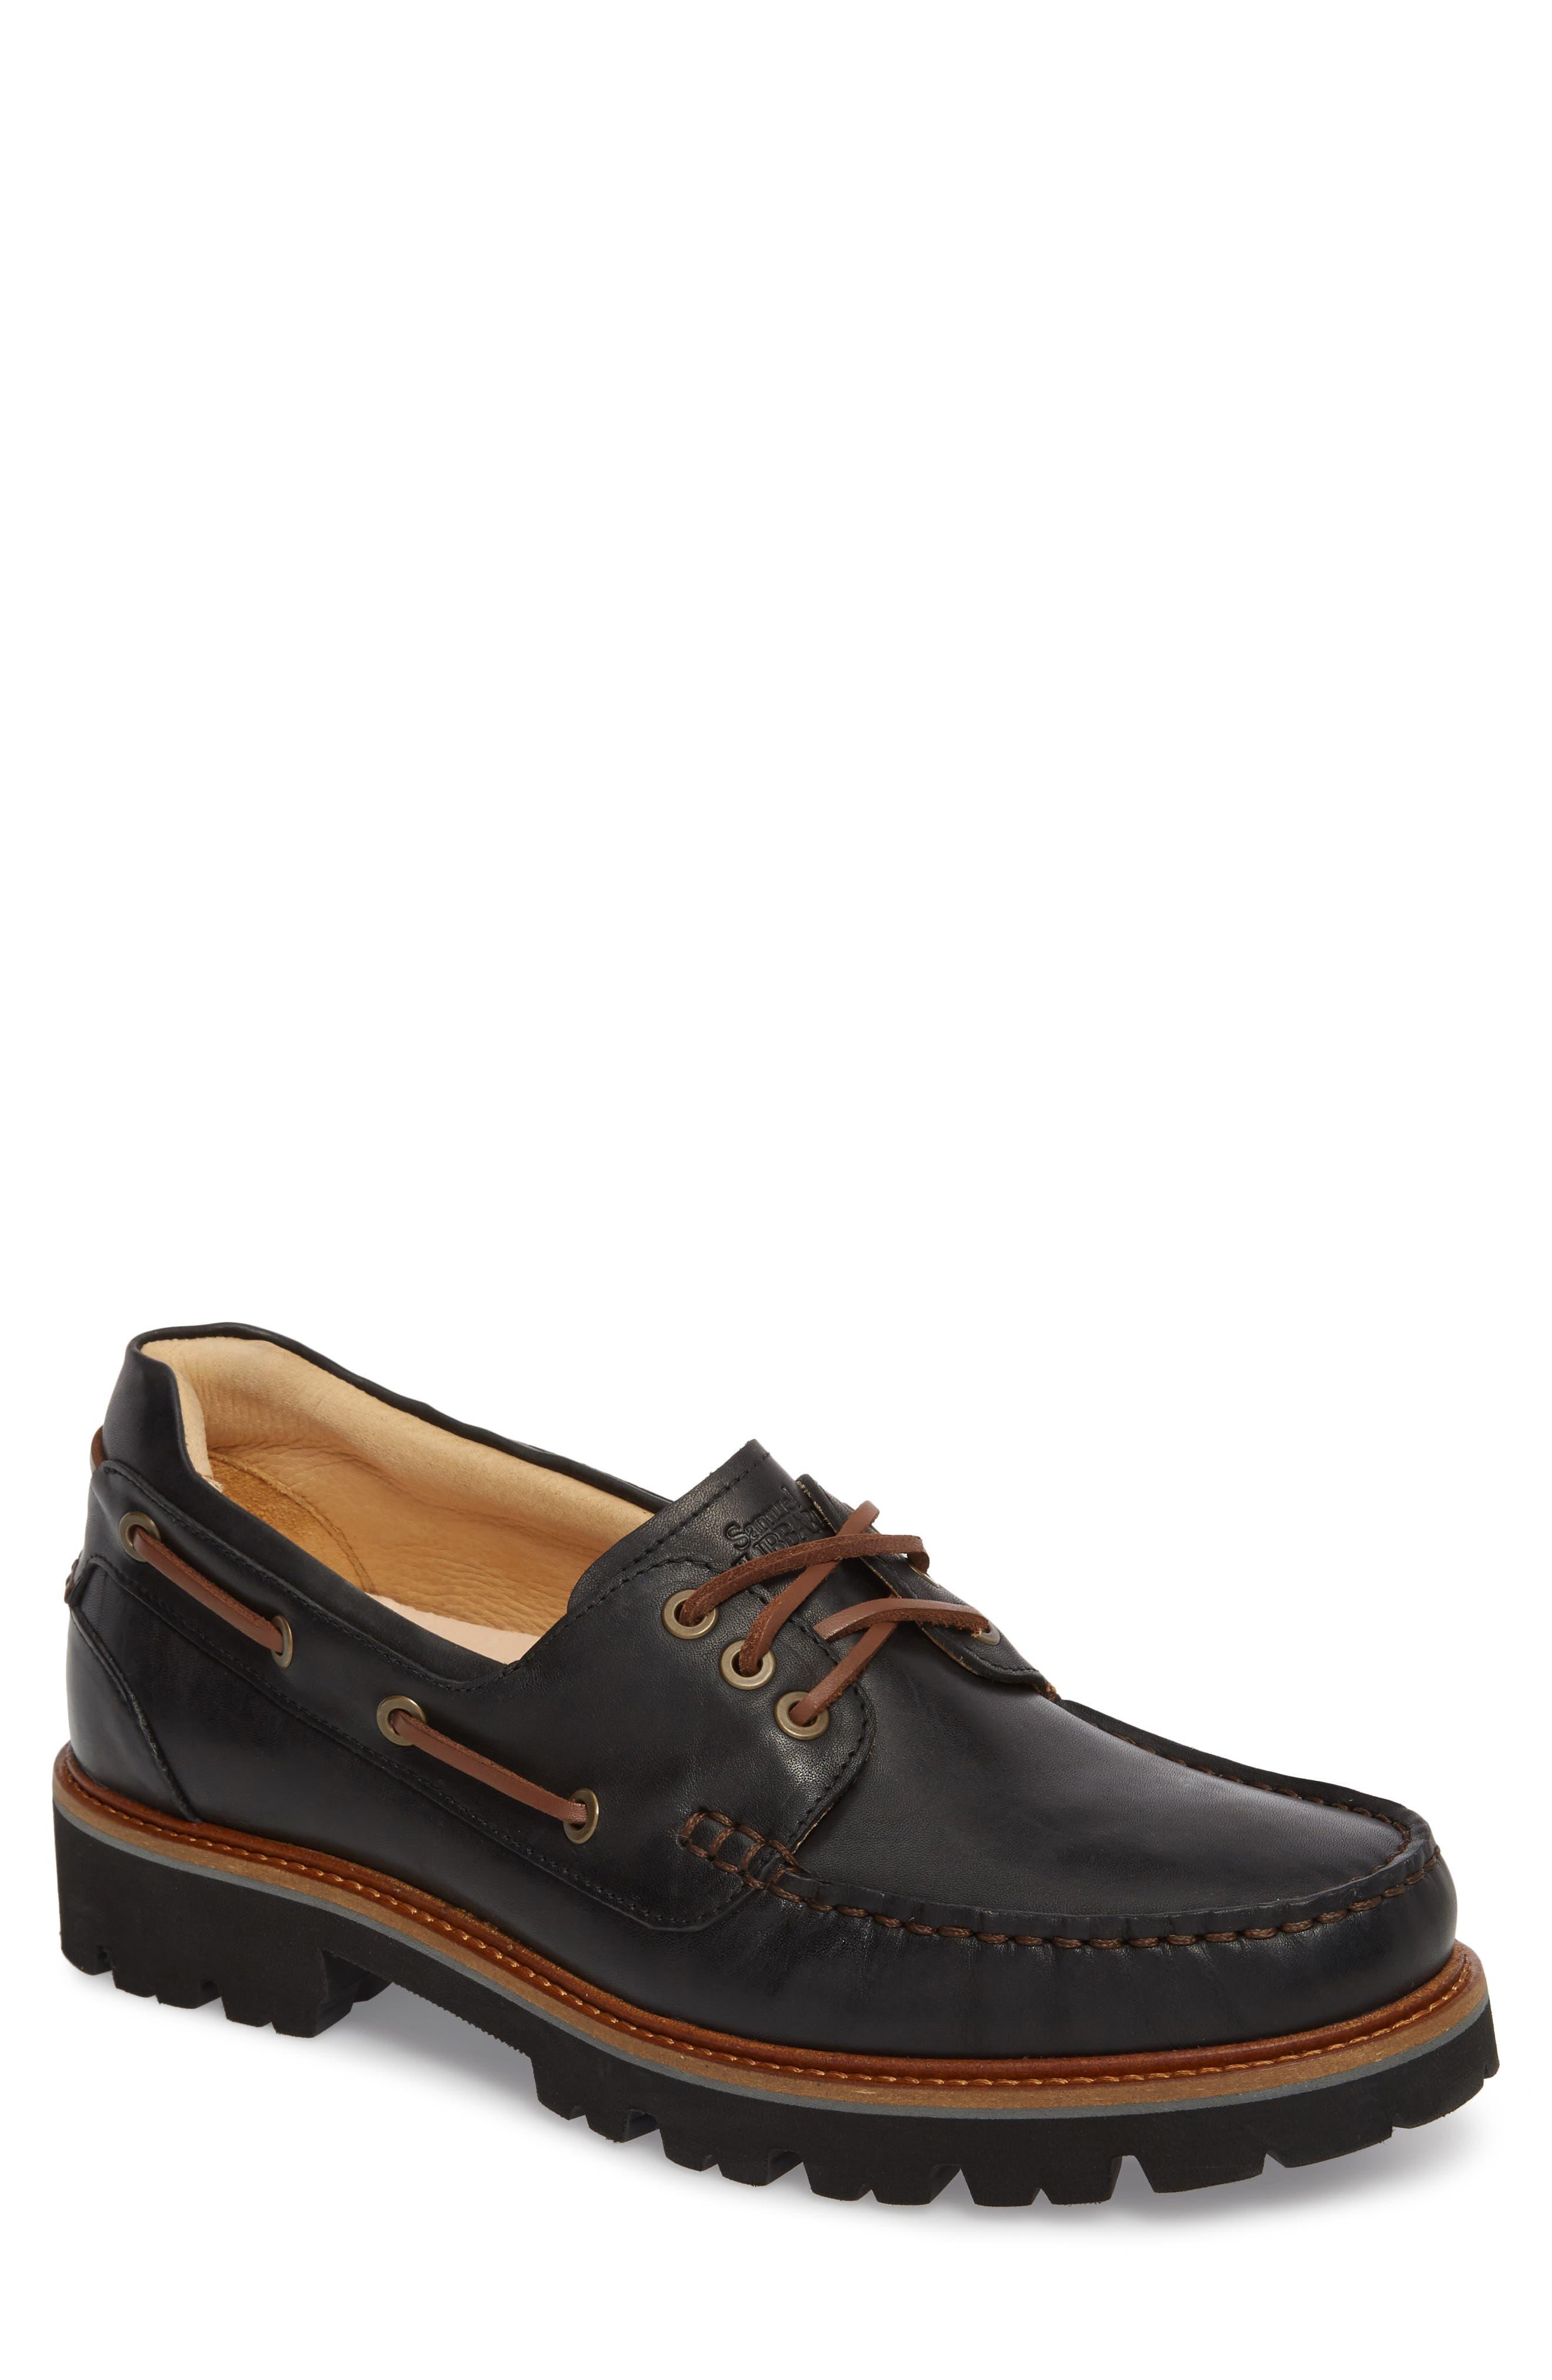 Camplight Water Resistant Boat Shoe,                         Main,                         color, Saddlebag Black Leather